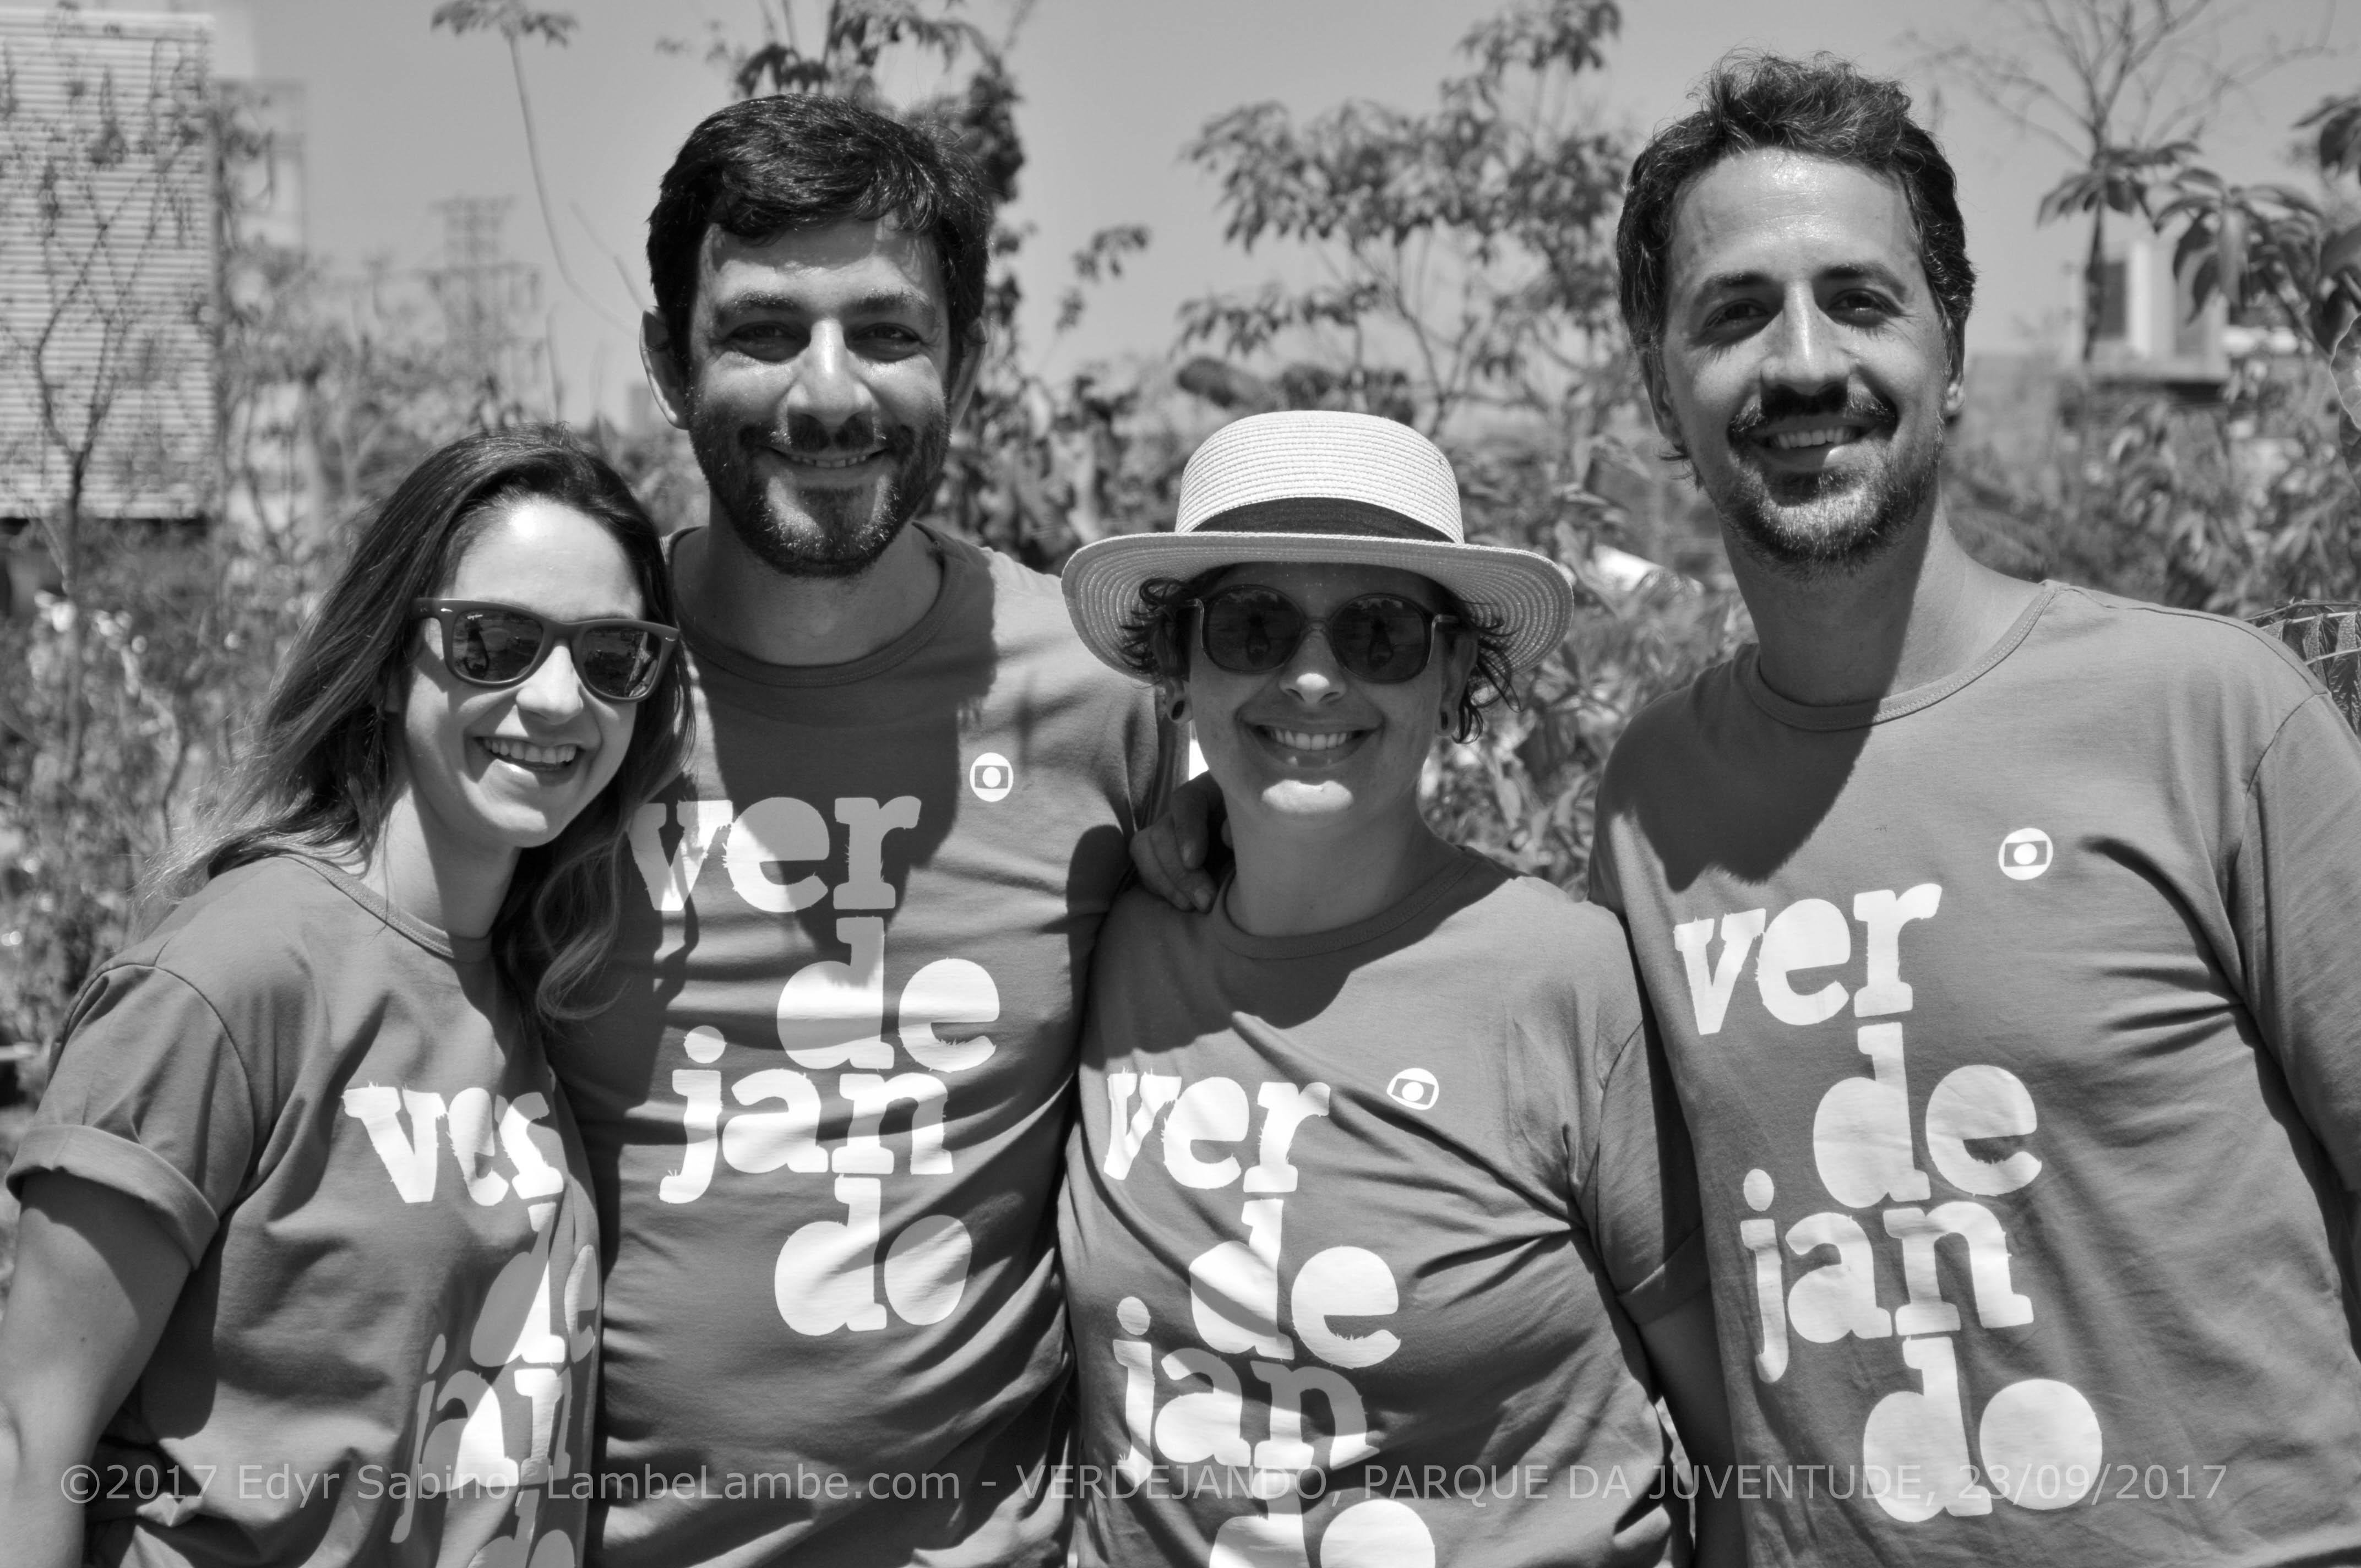 Verdejando, Parque da Juventude, 2017-09-23